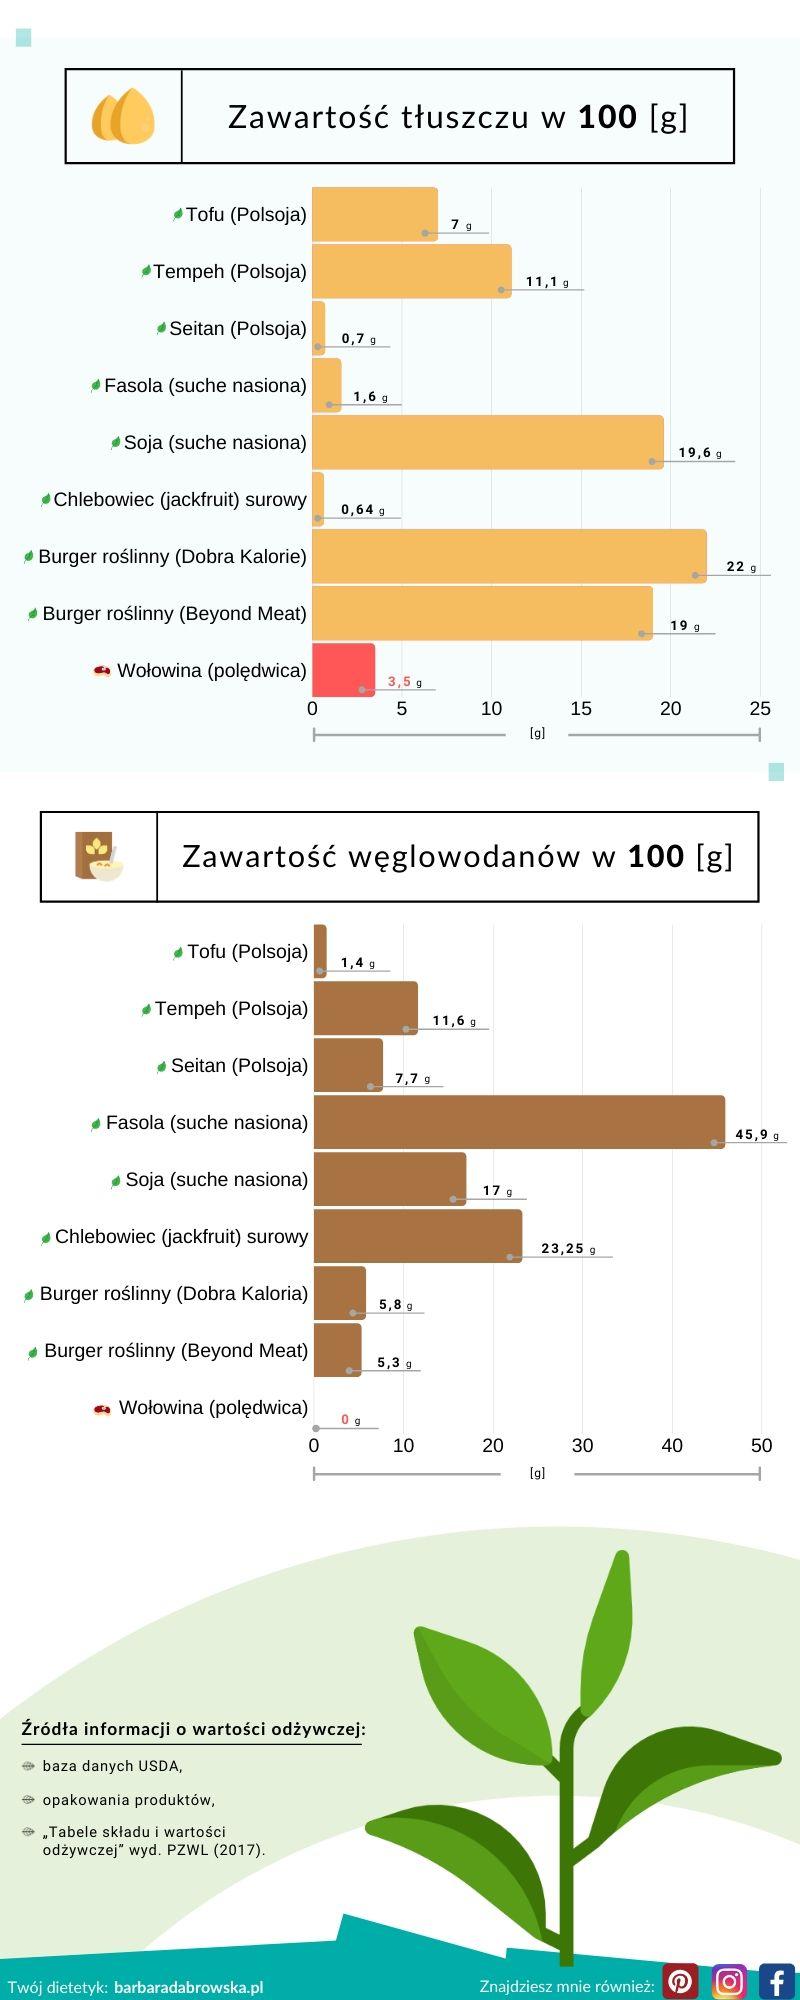 Zamienniki mięsa - infografika część 2